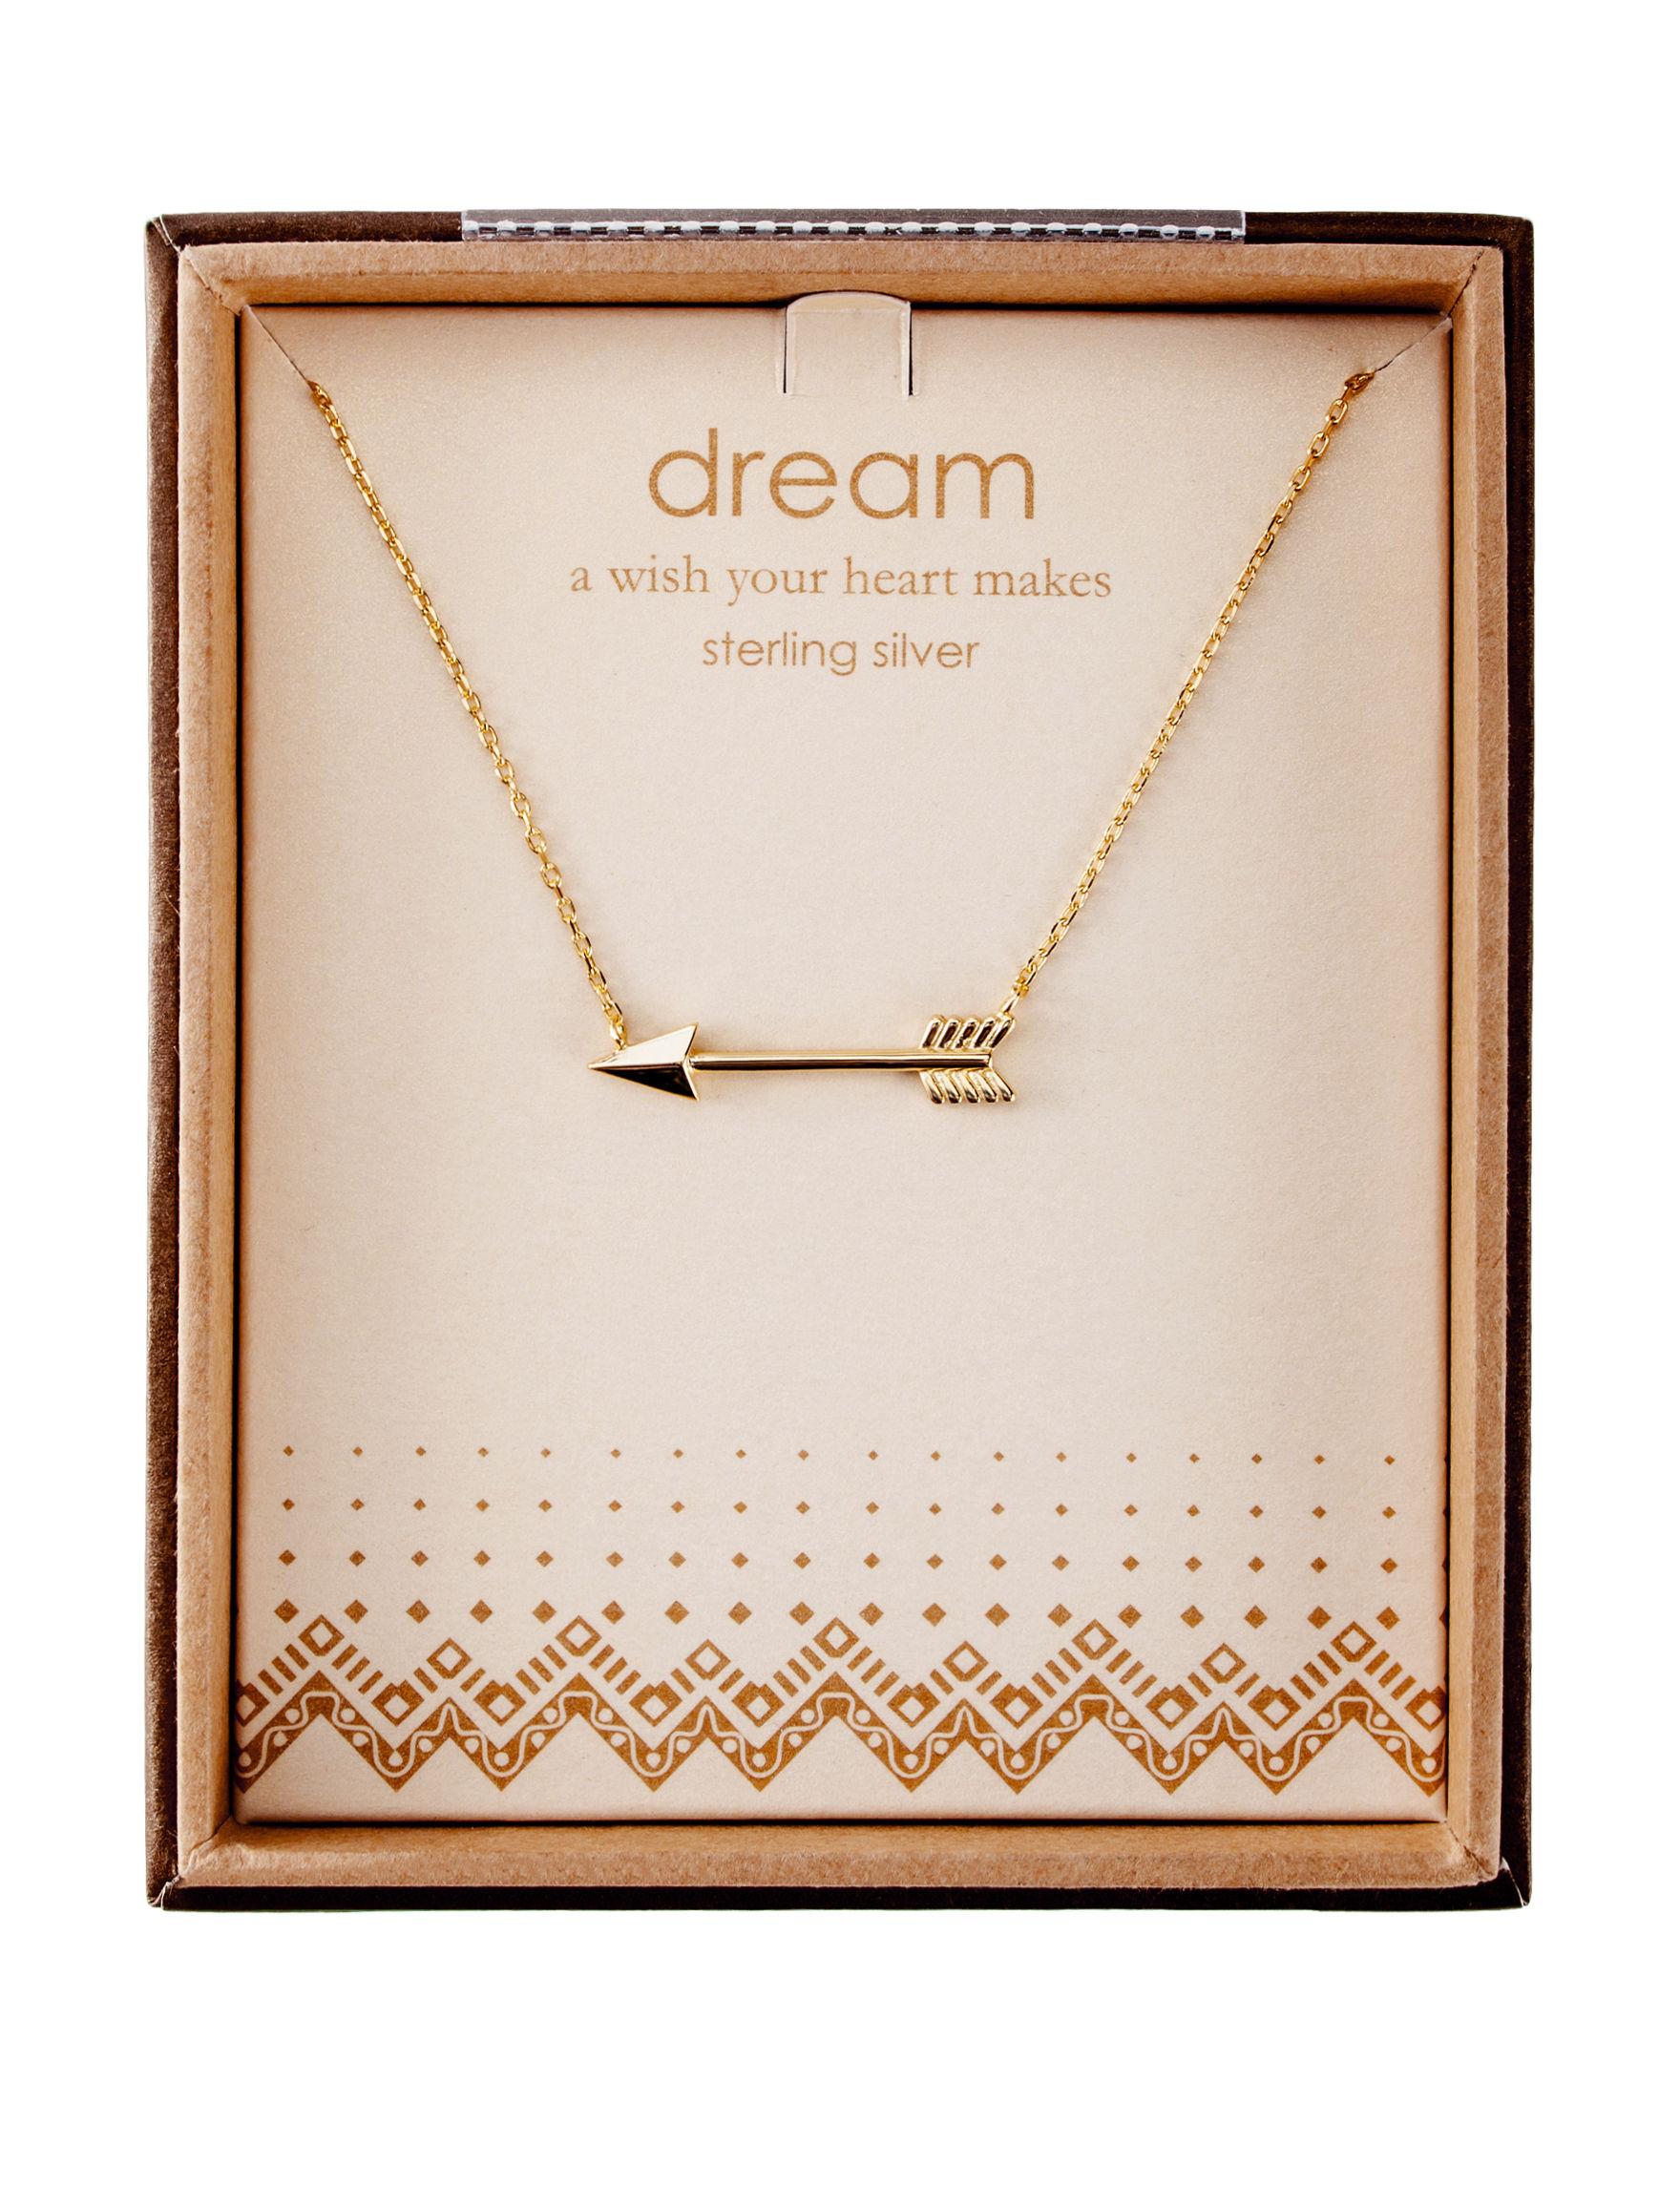 NES White / Silver Necklaces & Pendants Fine Jewelry